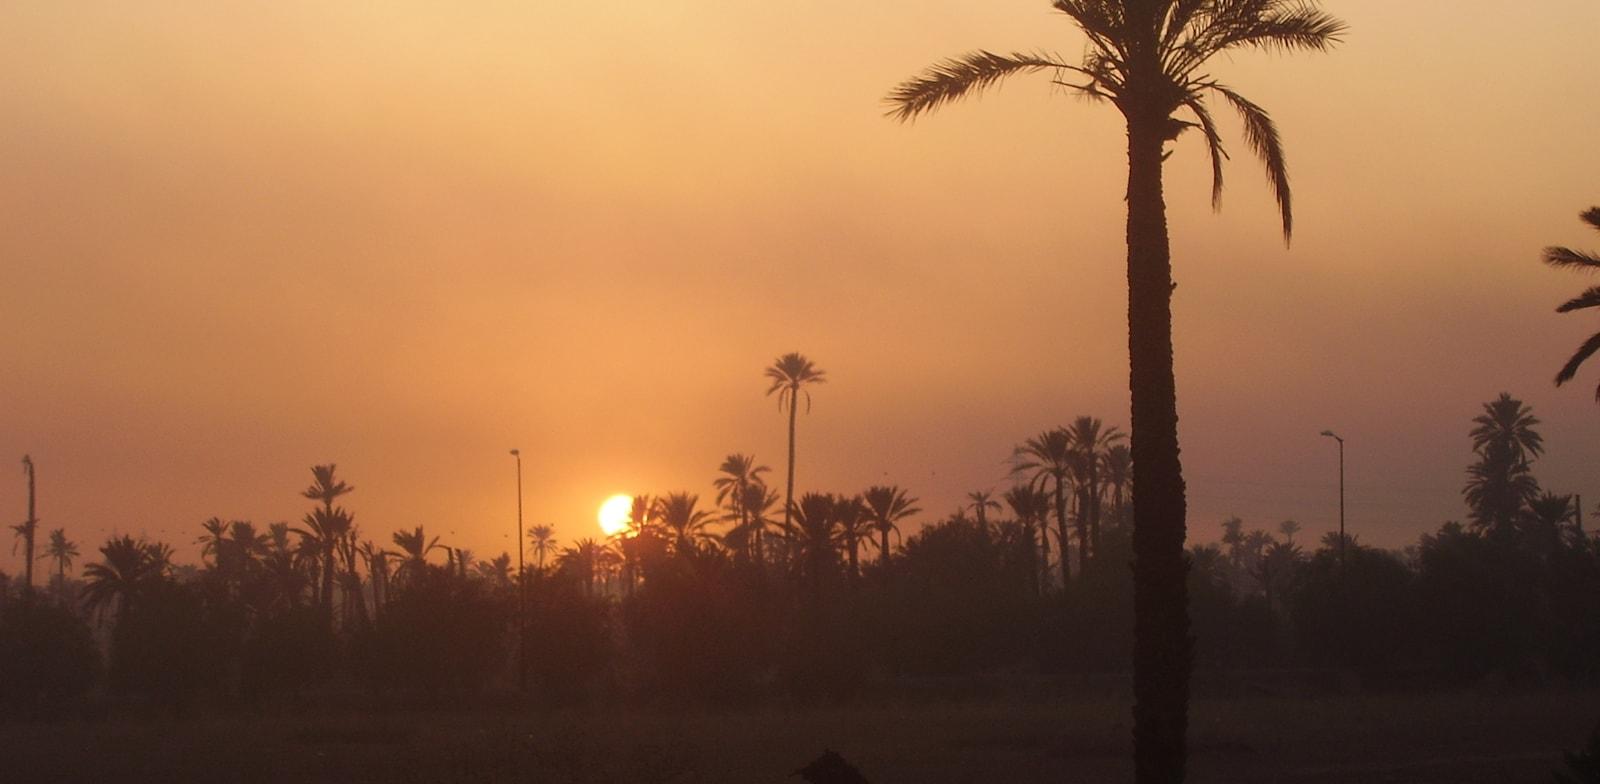 זריחה במרוקו / צילום: טל וולק